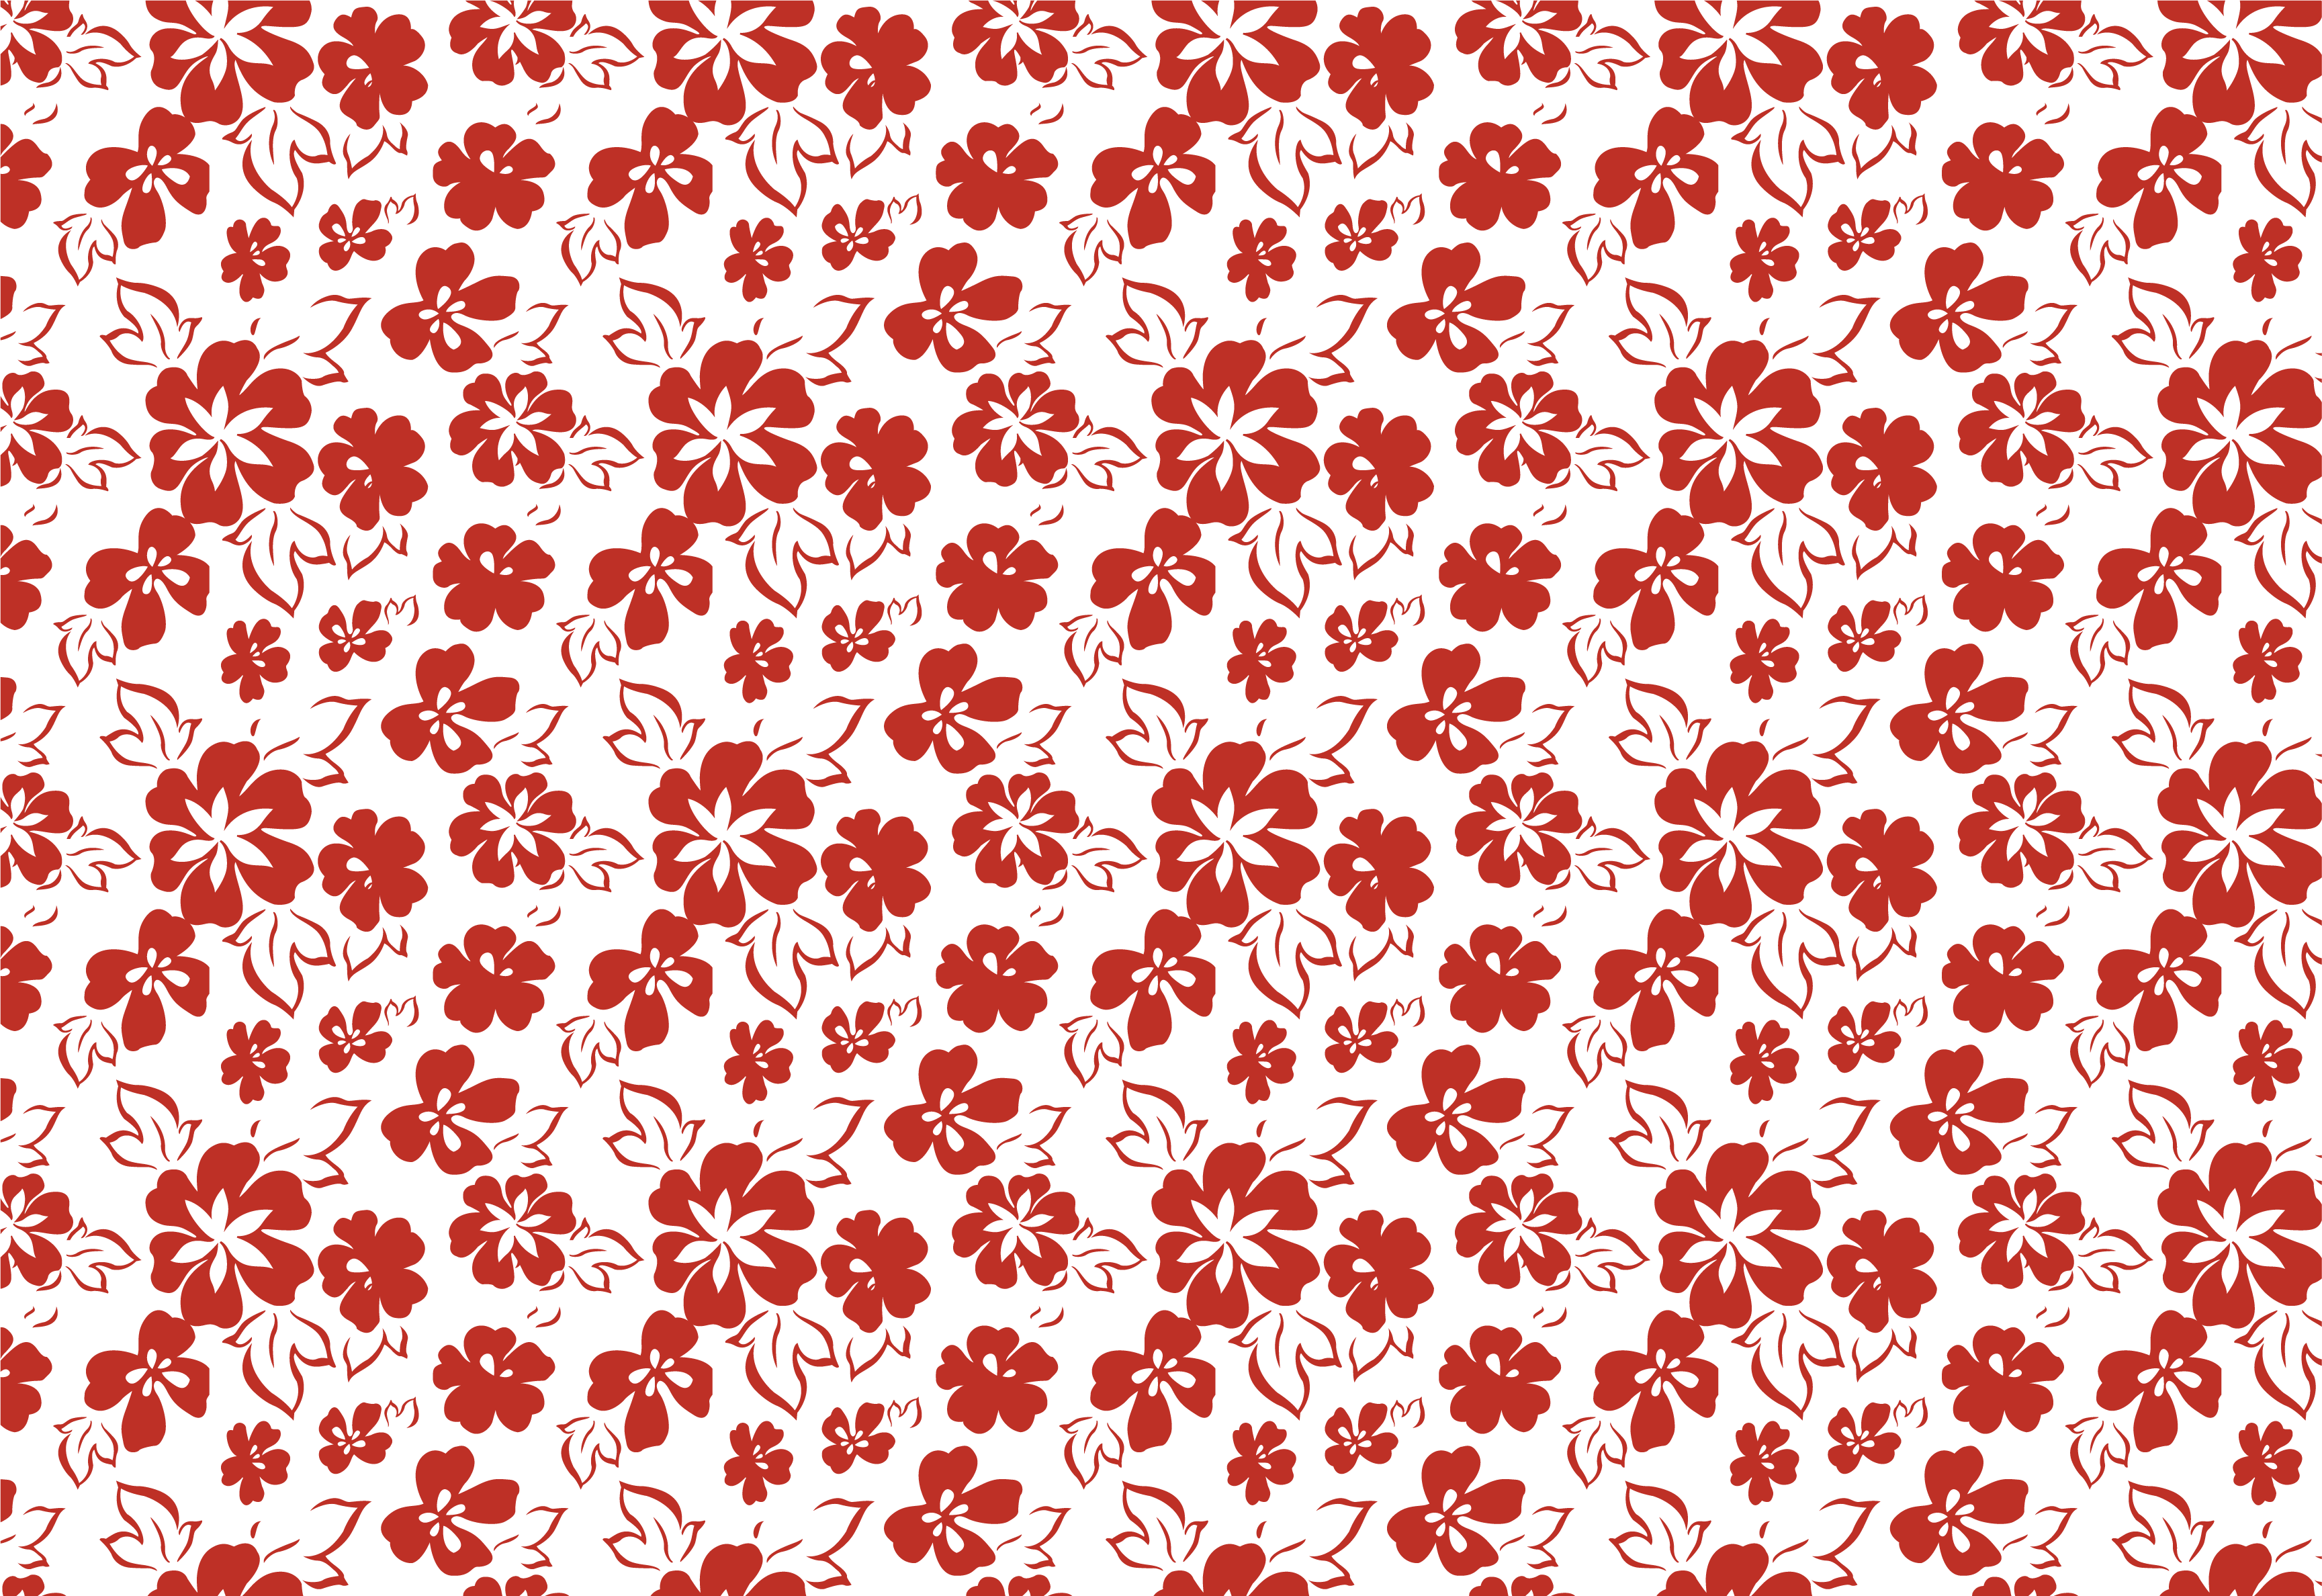 壁紙 背景イラスト 花の模様 柄 パターン No 005 赤白 葉